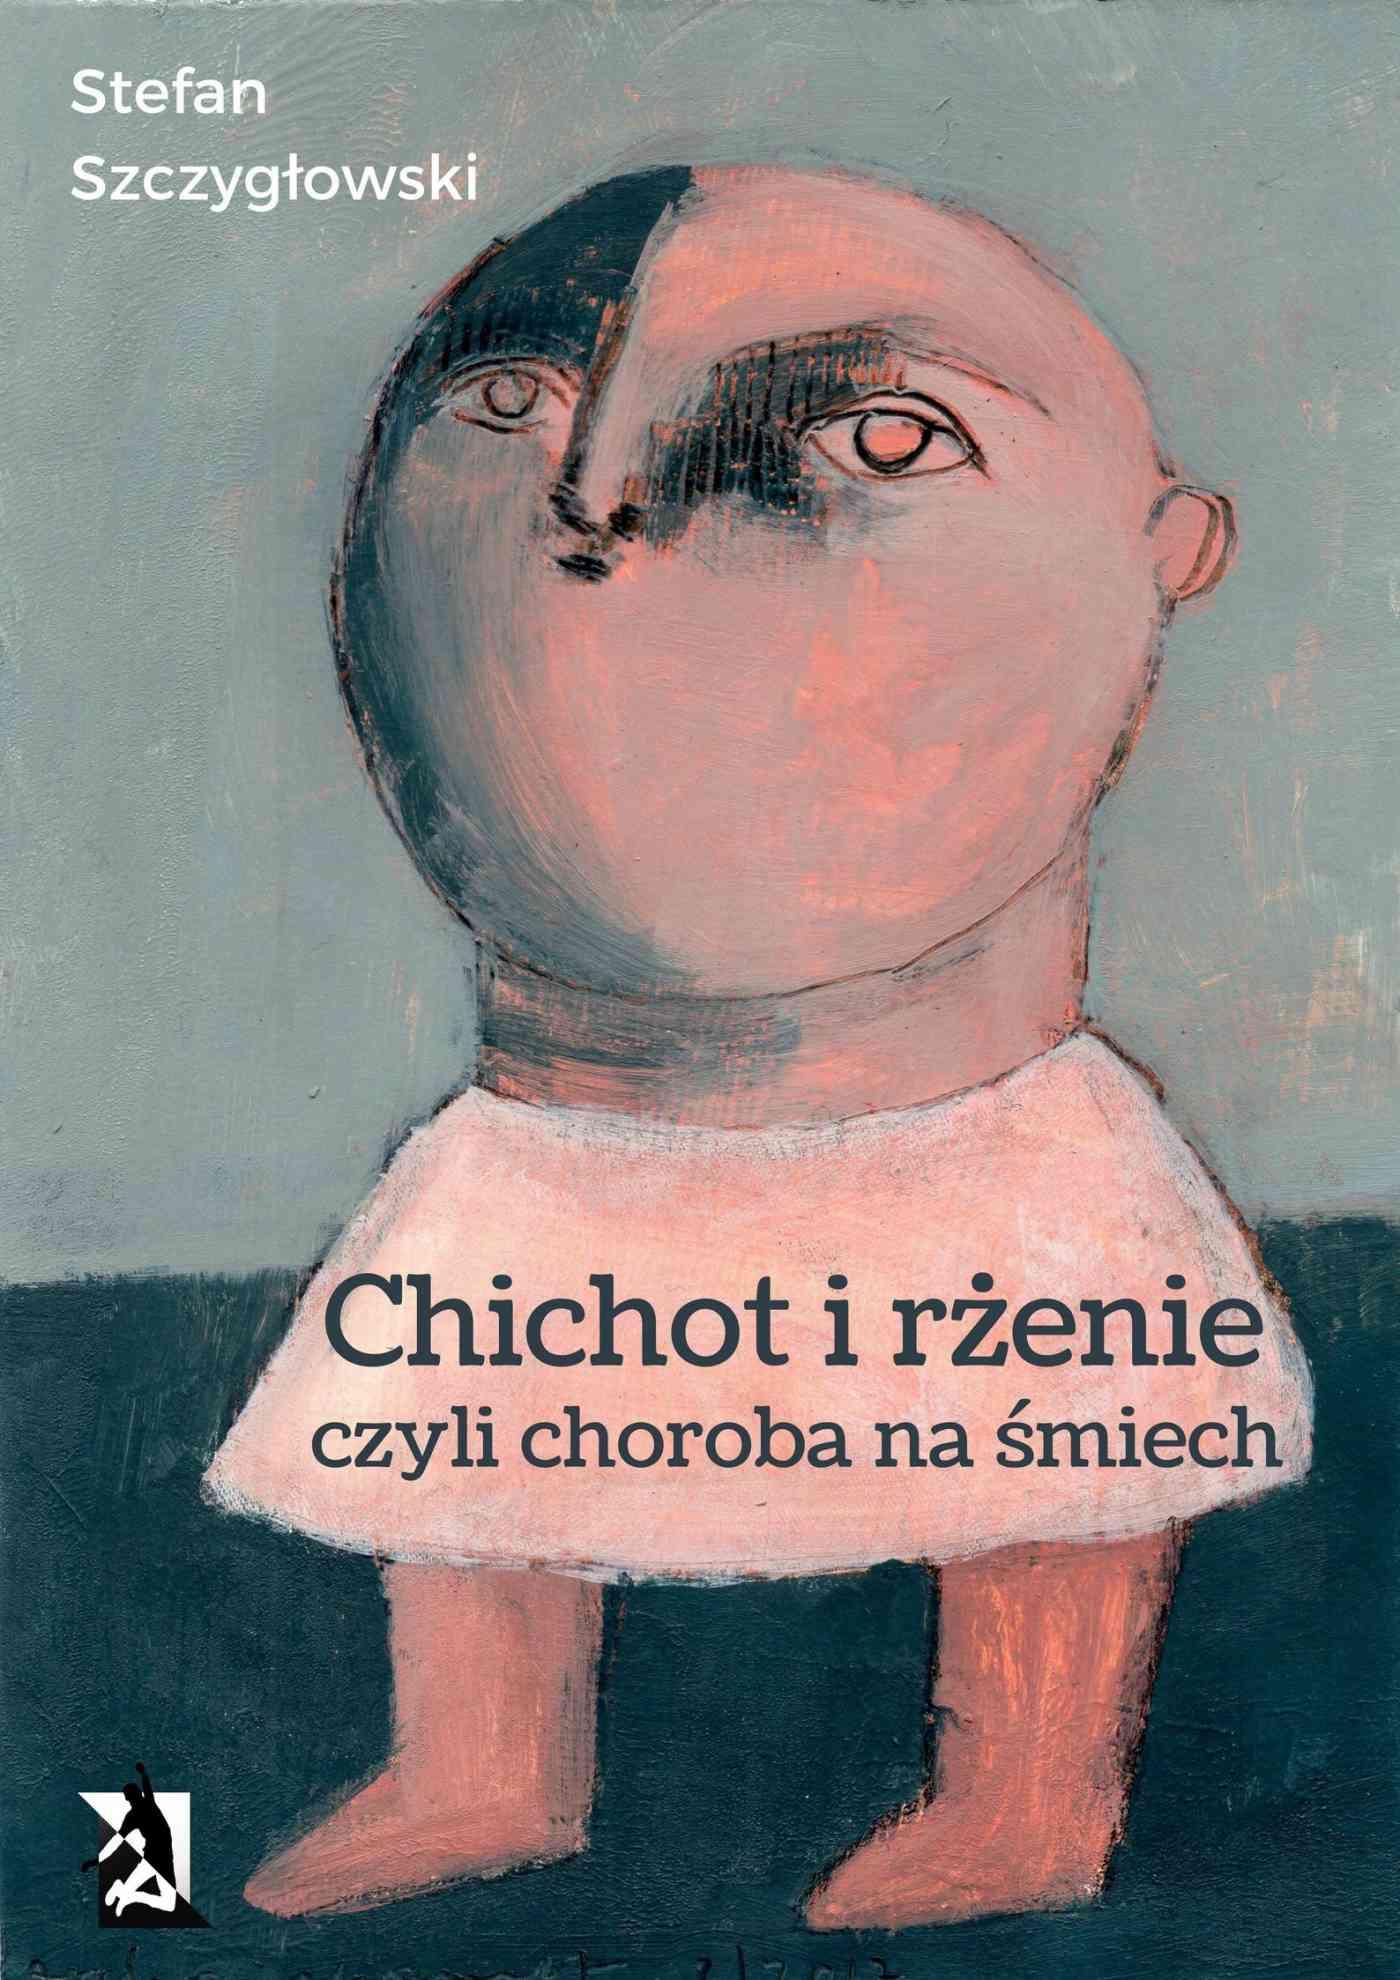 Chichot i rżenie, czyli choroba na śmiech - Ebook (Książka EPUB) do pobrania w formacie EPUB